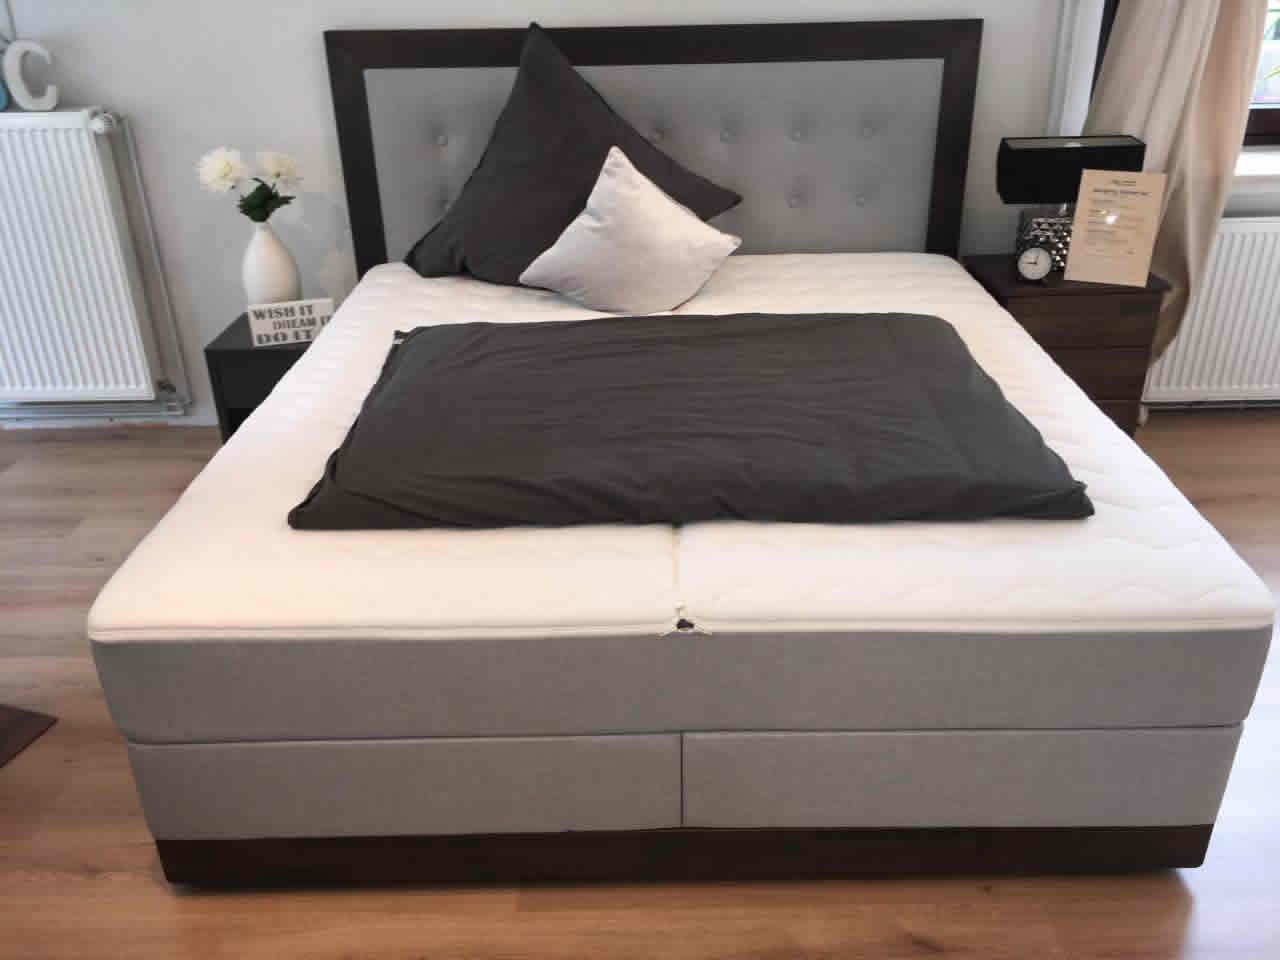 boxspringbett matratze dormito matratzen boxspringbetten. Black Bedroom Furniture Sets. Home Design Ideas